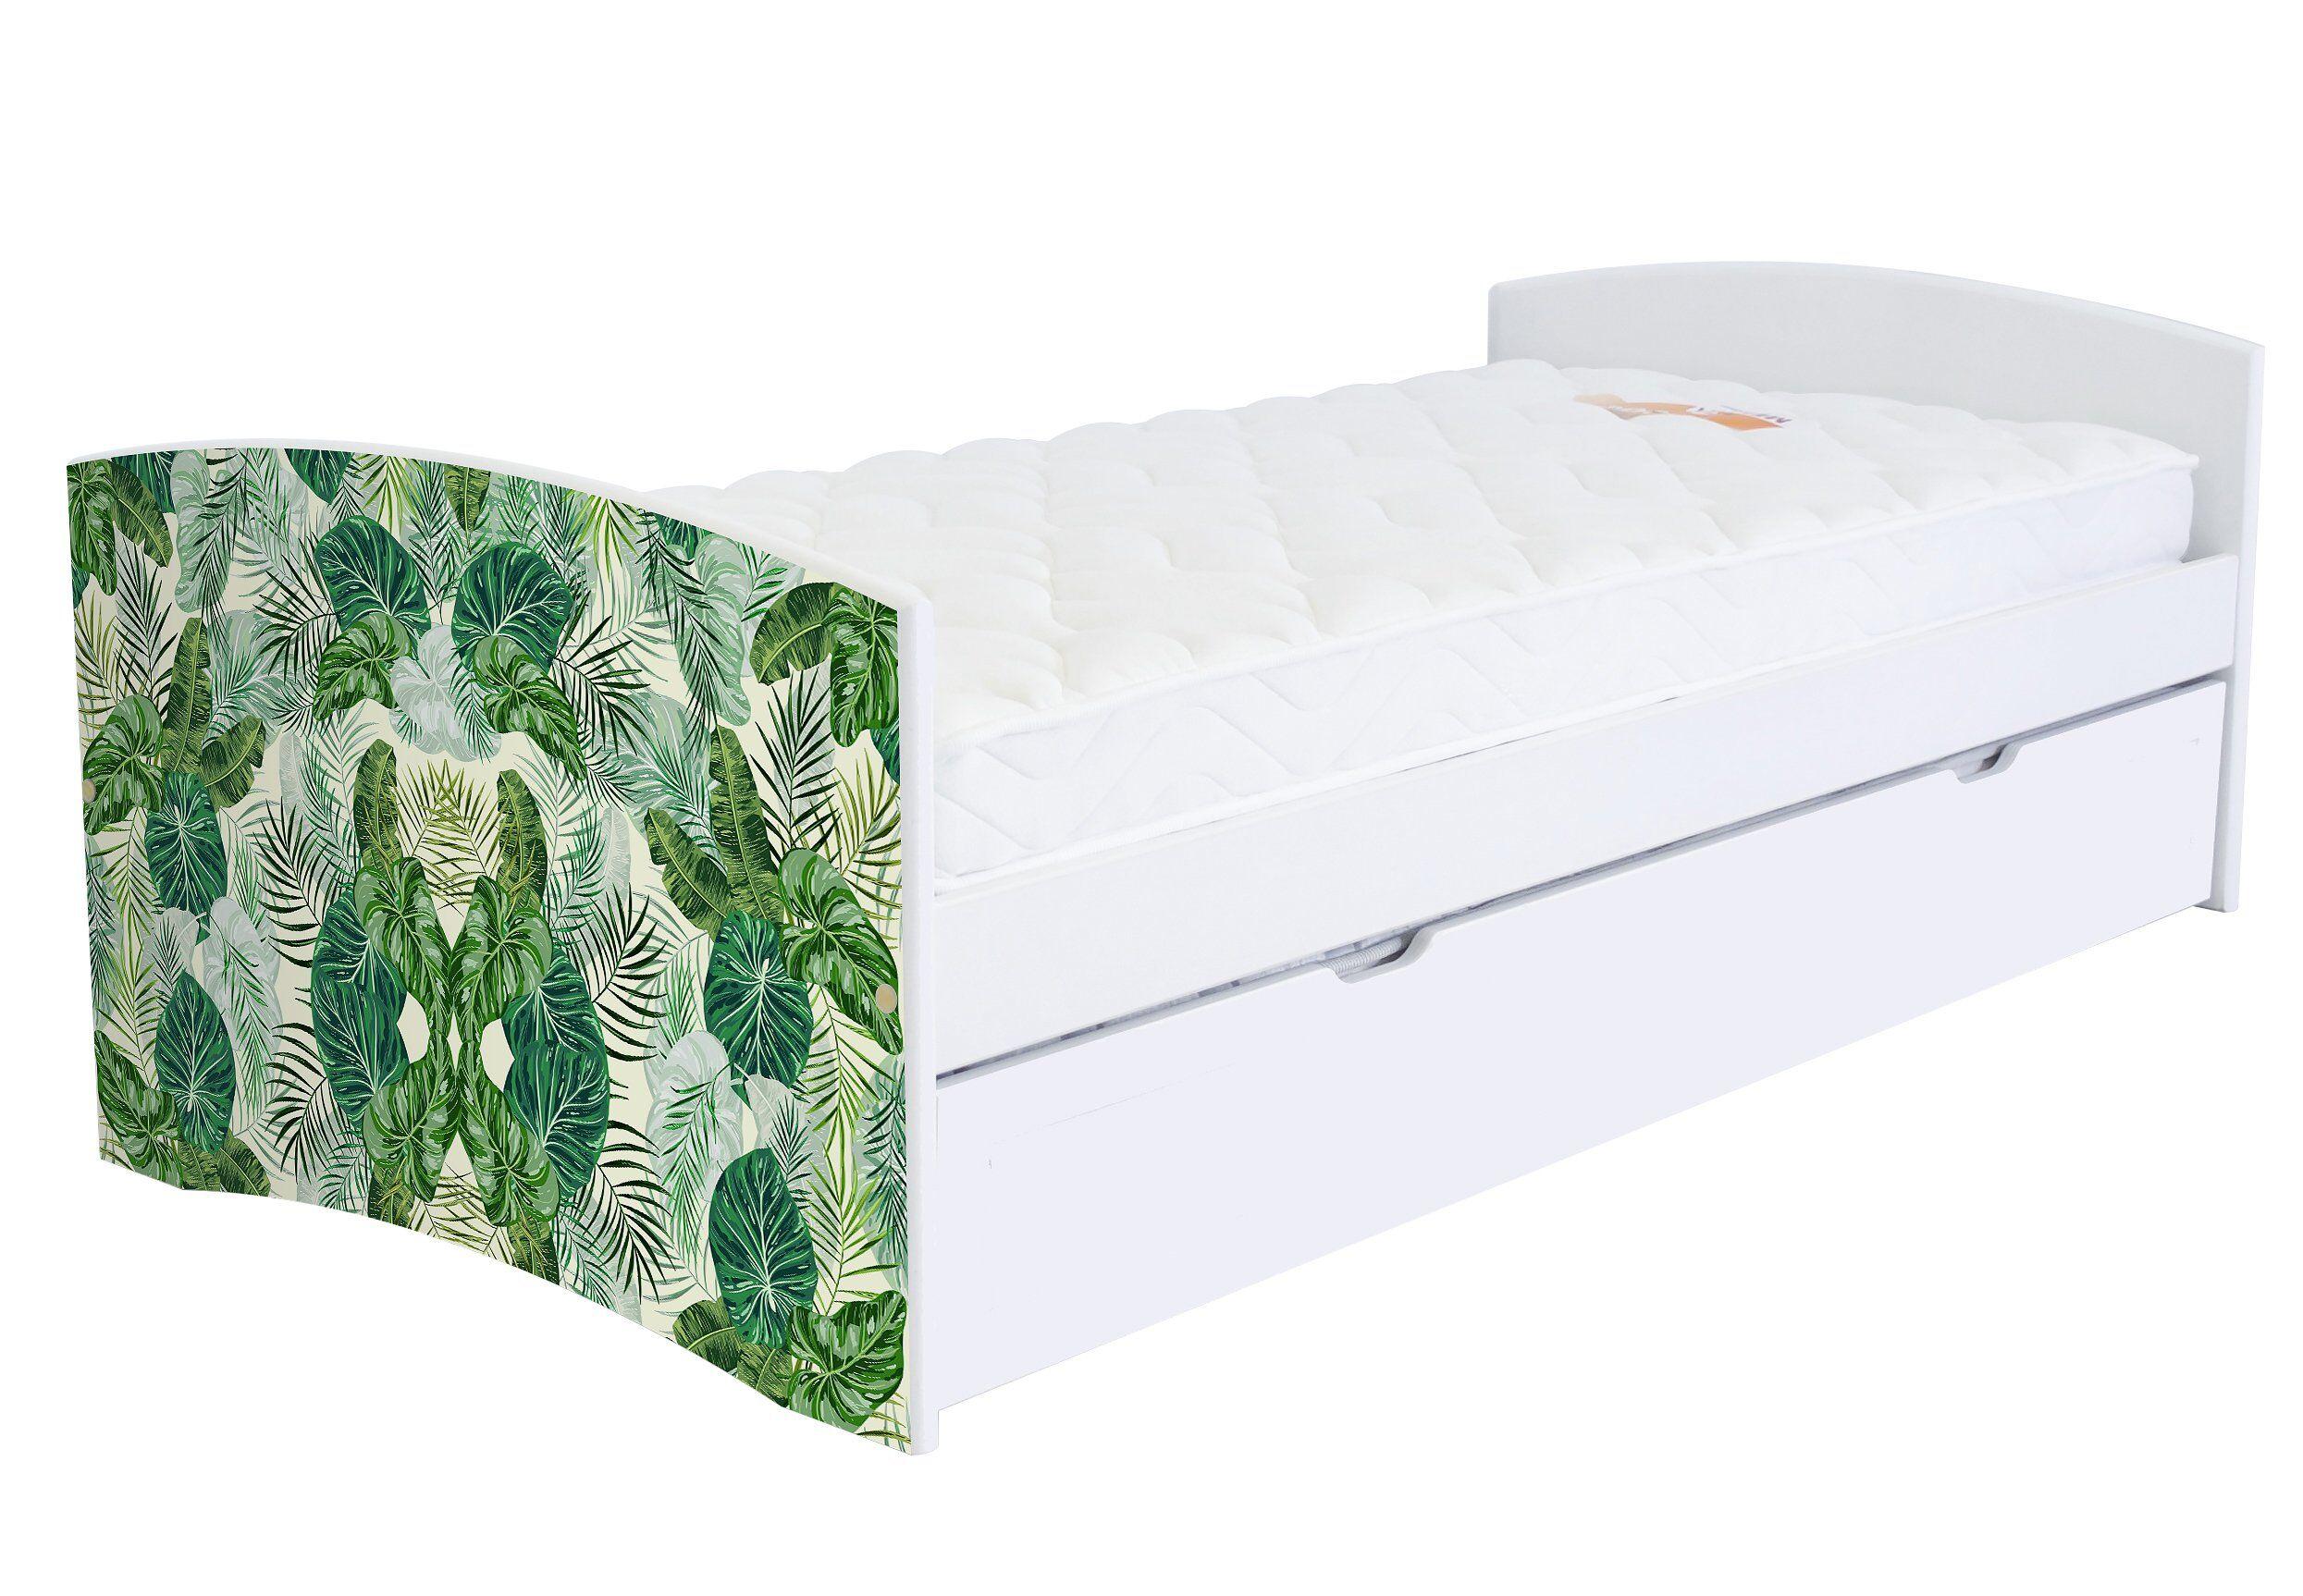 ABC MEUBLES Banquette lit gigogne Happy 90x190 cm bois et décor - 90x190 - Vernis naturel/Décor Tropical